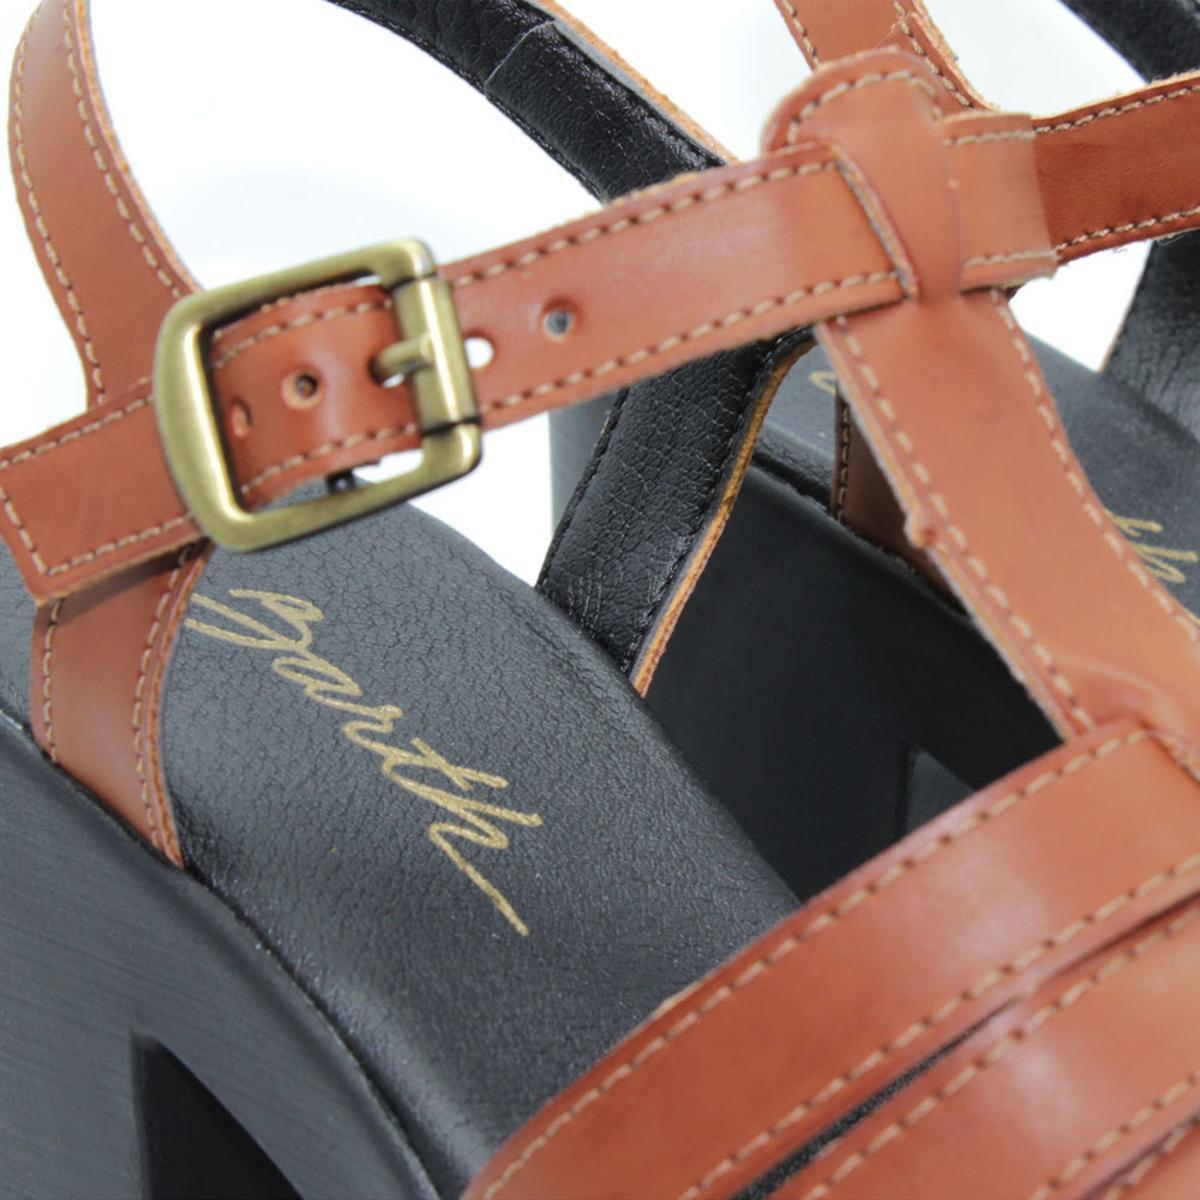 Sandália Barth Shoes Misty Feminina - Preto e Marrom